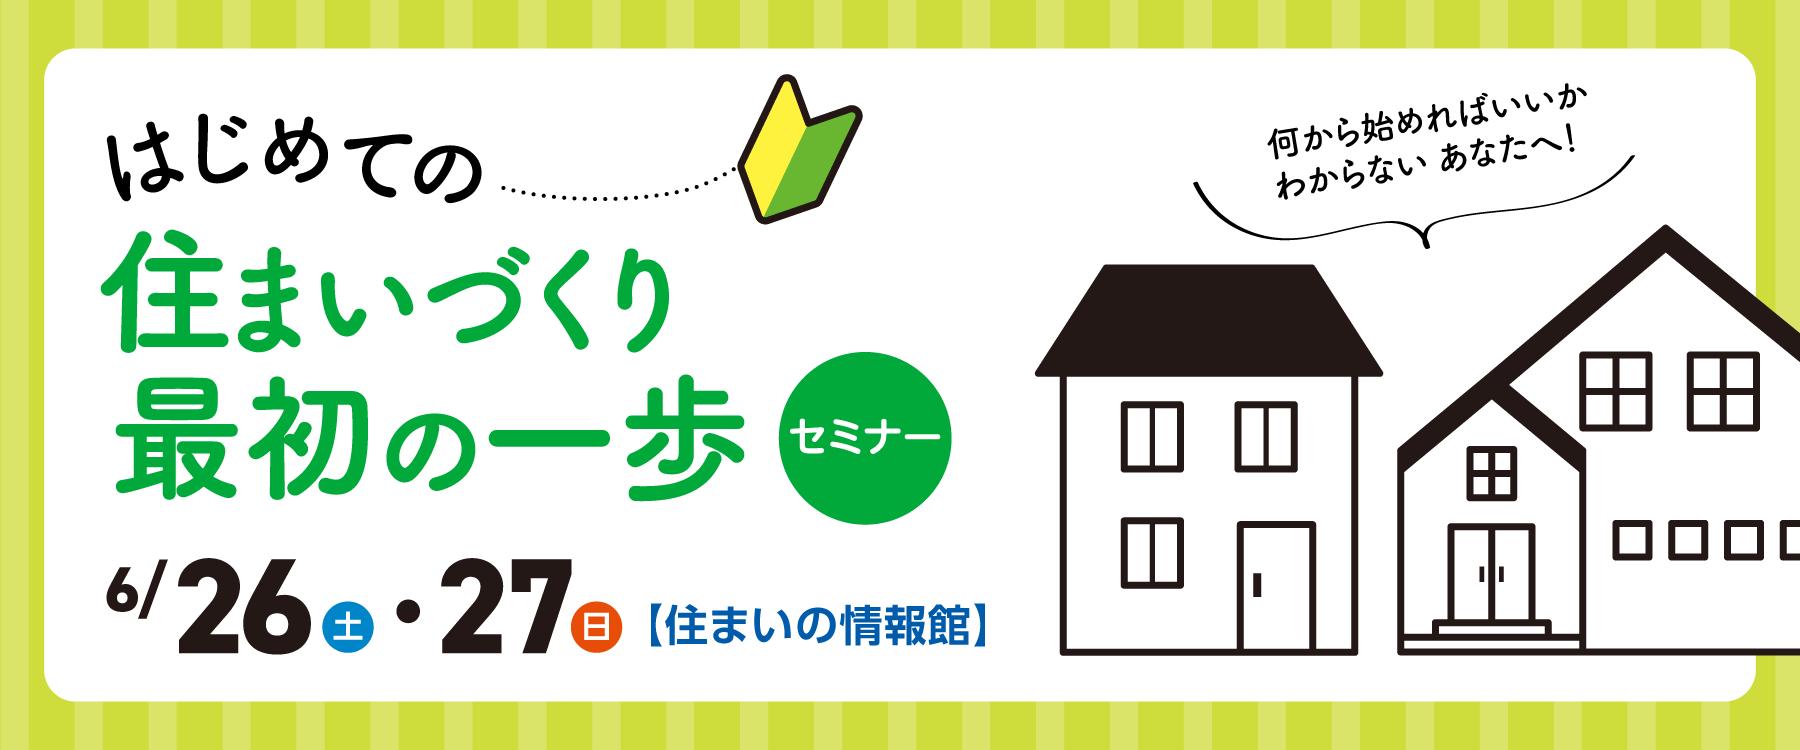 画像:6月26日(土)、27日(日)家が欲しくなったあなたへ 「はじめての住まいづくり、最初の一歩」セミナー